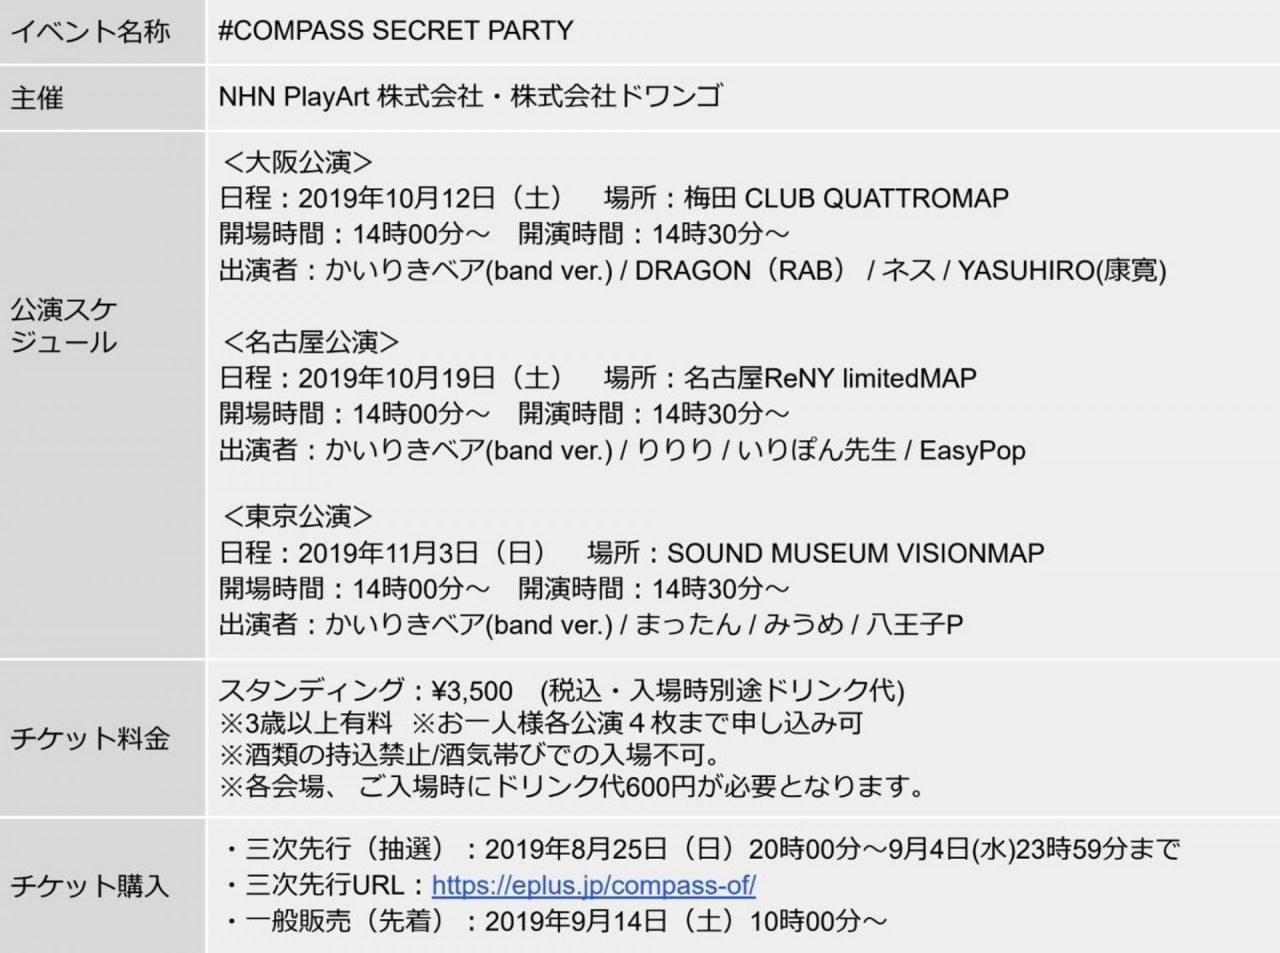 #コンパス【ニュース】: 新企画&最新情報発表!「#コンパスフェス 3rd ANNIVERSARY」12月8日(日)幕張メッセ11ホールで開催!!